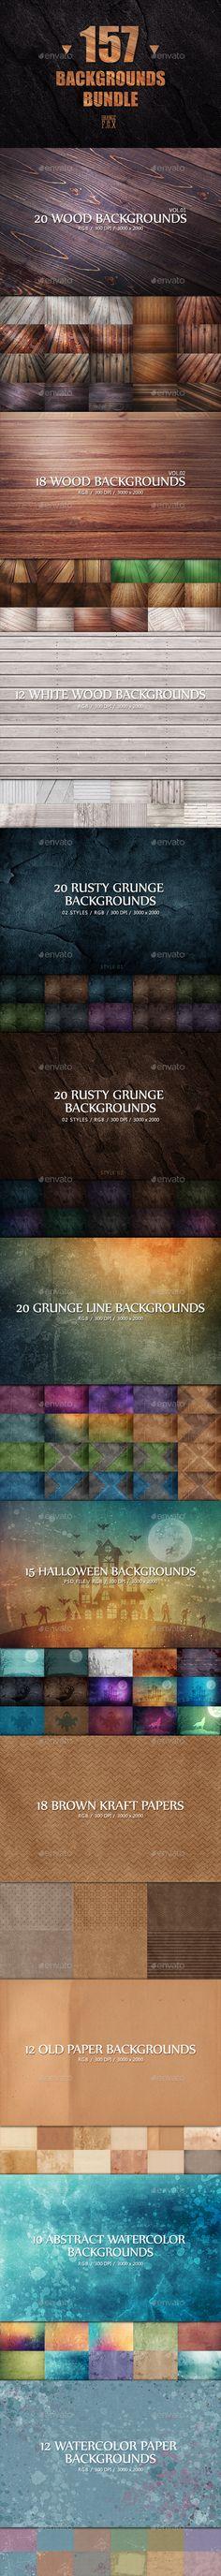 157 Backgrounds Bundle 3000×2000 px #design Download: http://graphicriver.net/item/157-backgrounds-bundle/13610947?ref=ksioks